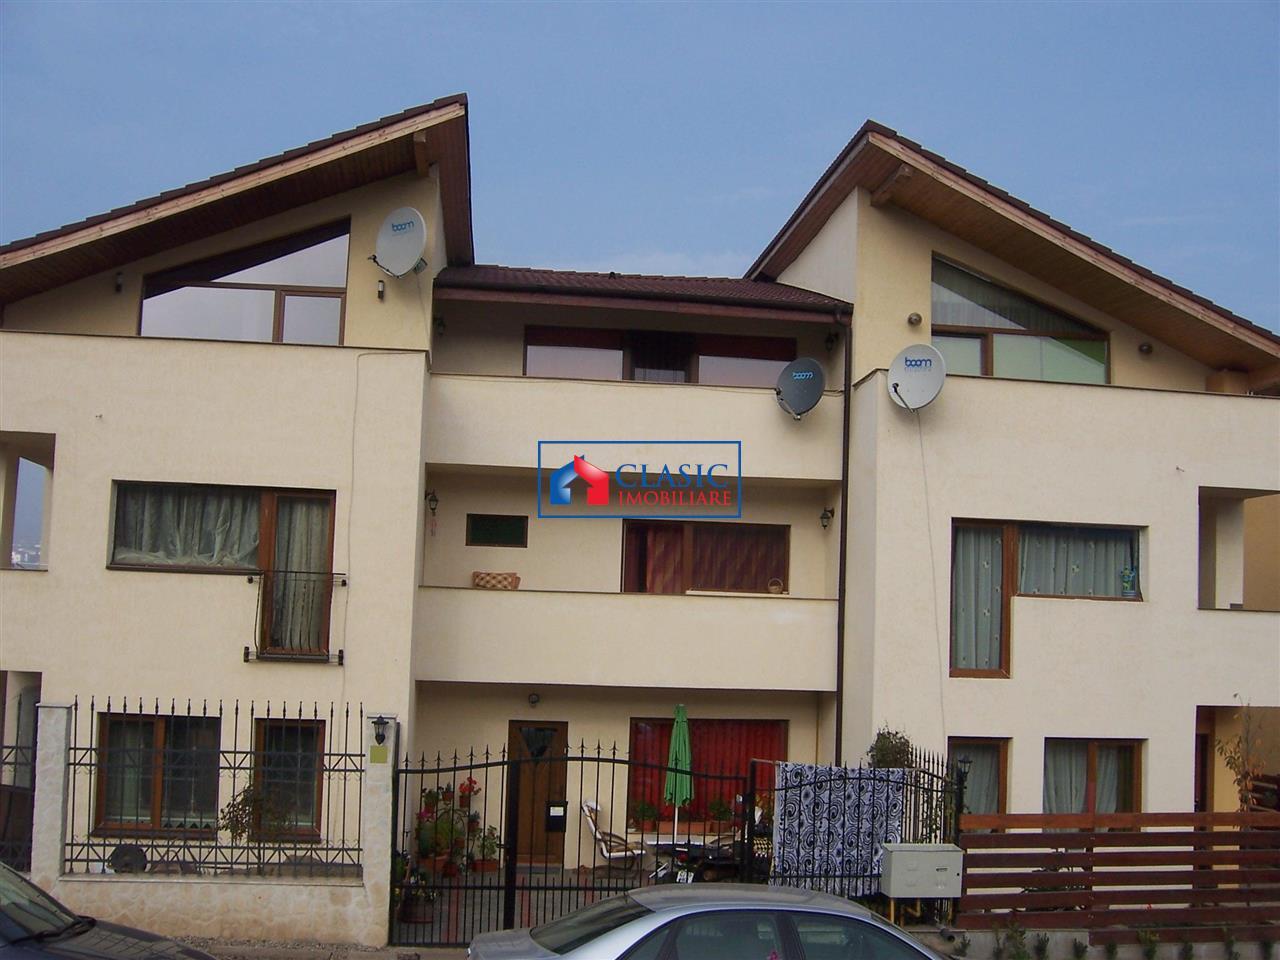 Vanzare triplex in zona Gruia, Cluj Napoca